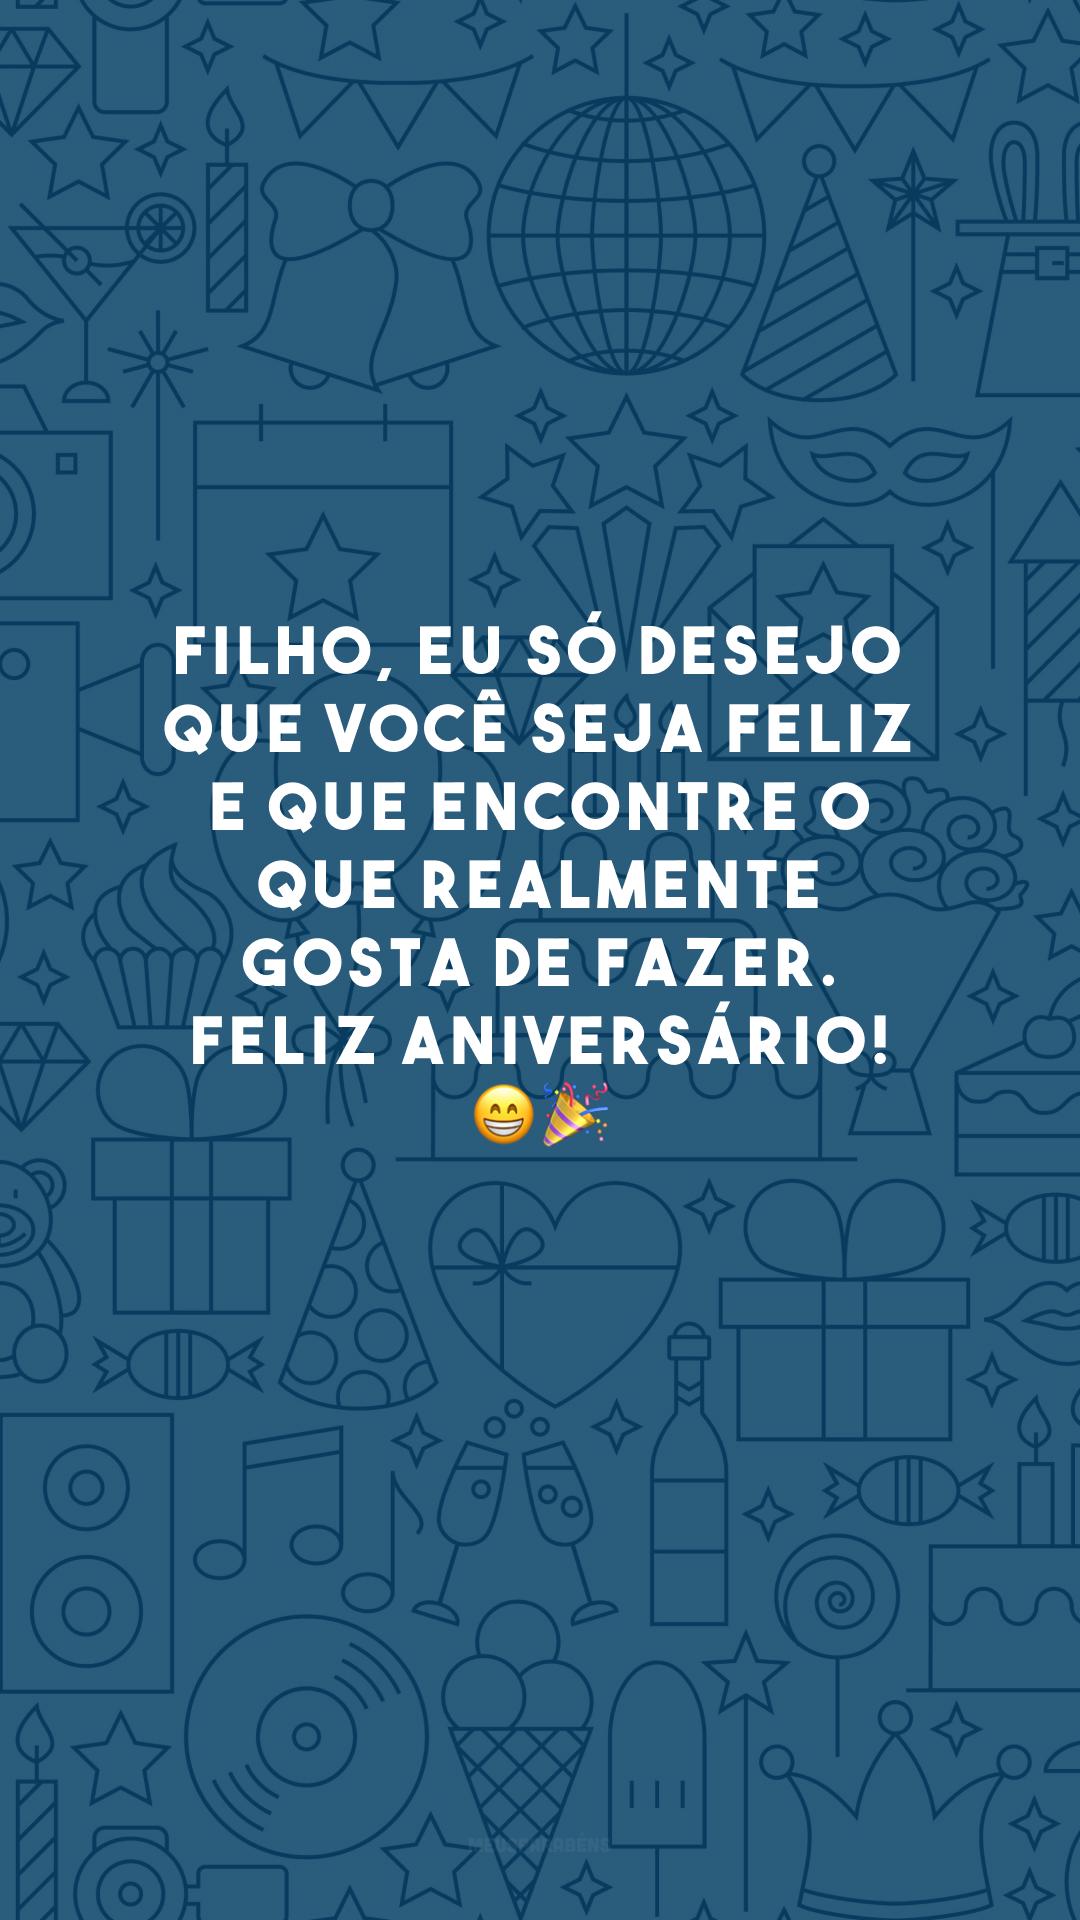 Filho, eu só desejo que você seja feliz e que encontre o que realmente gosta de fazer. Feliz aniversário! 😁🎉